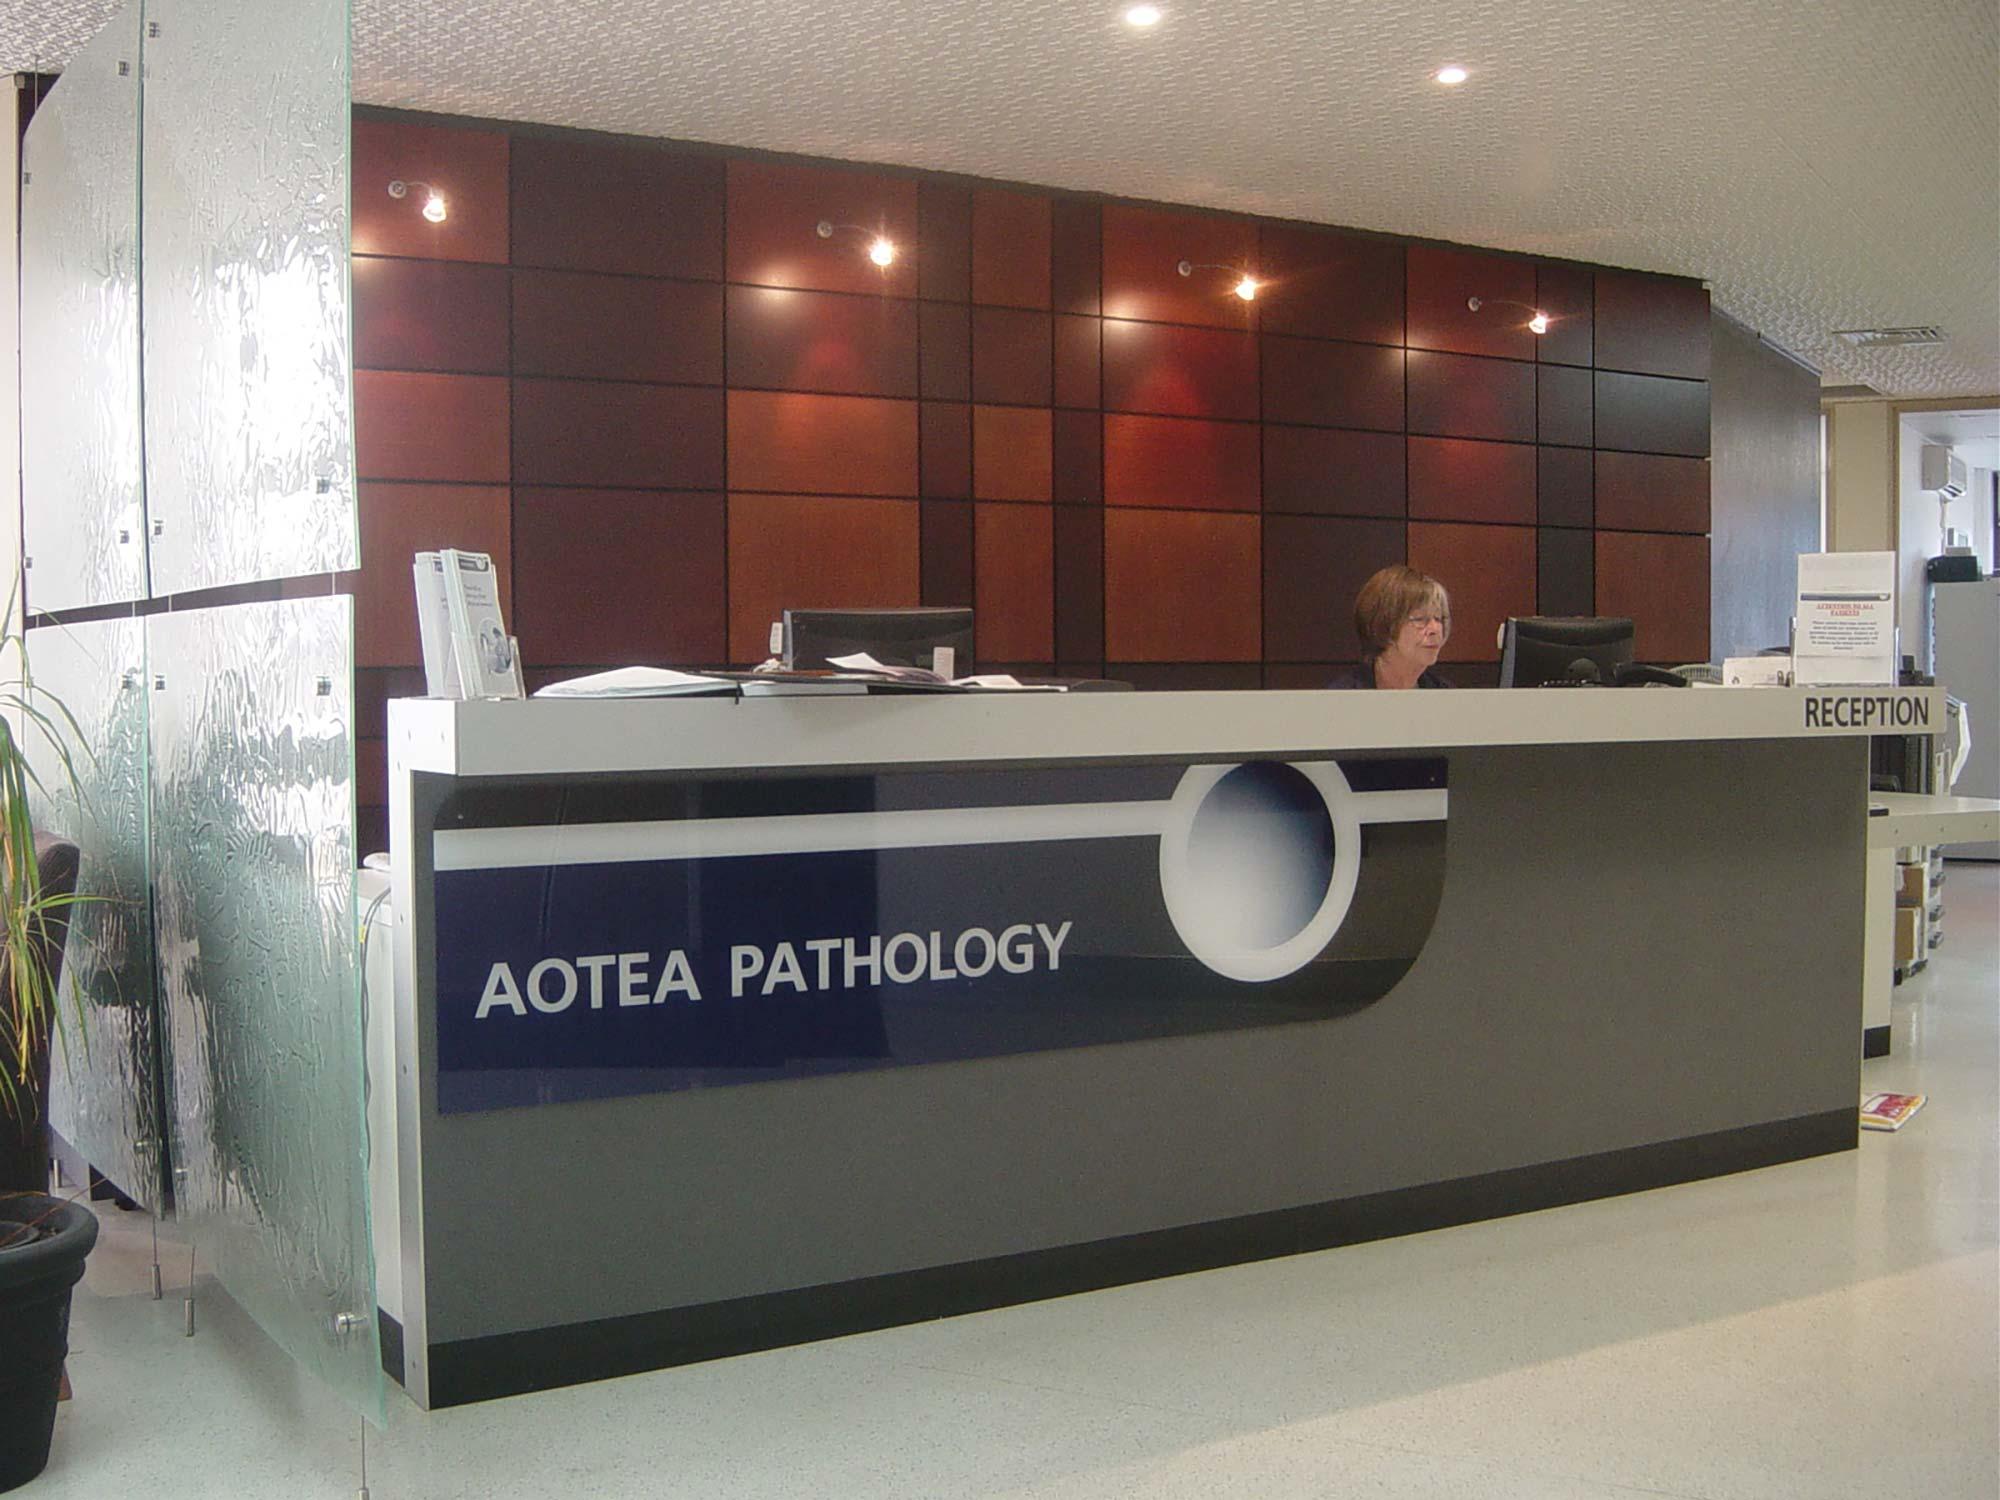 Aotea Pathology